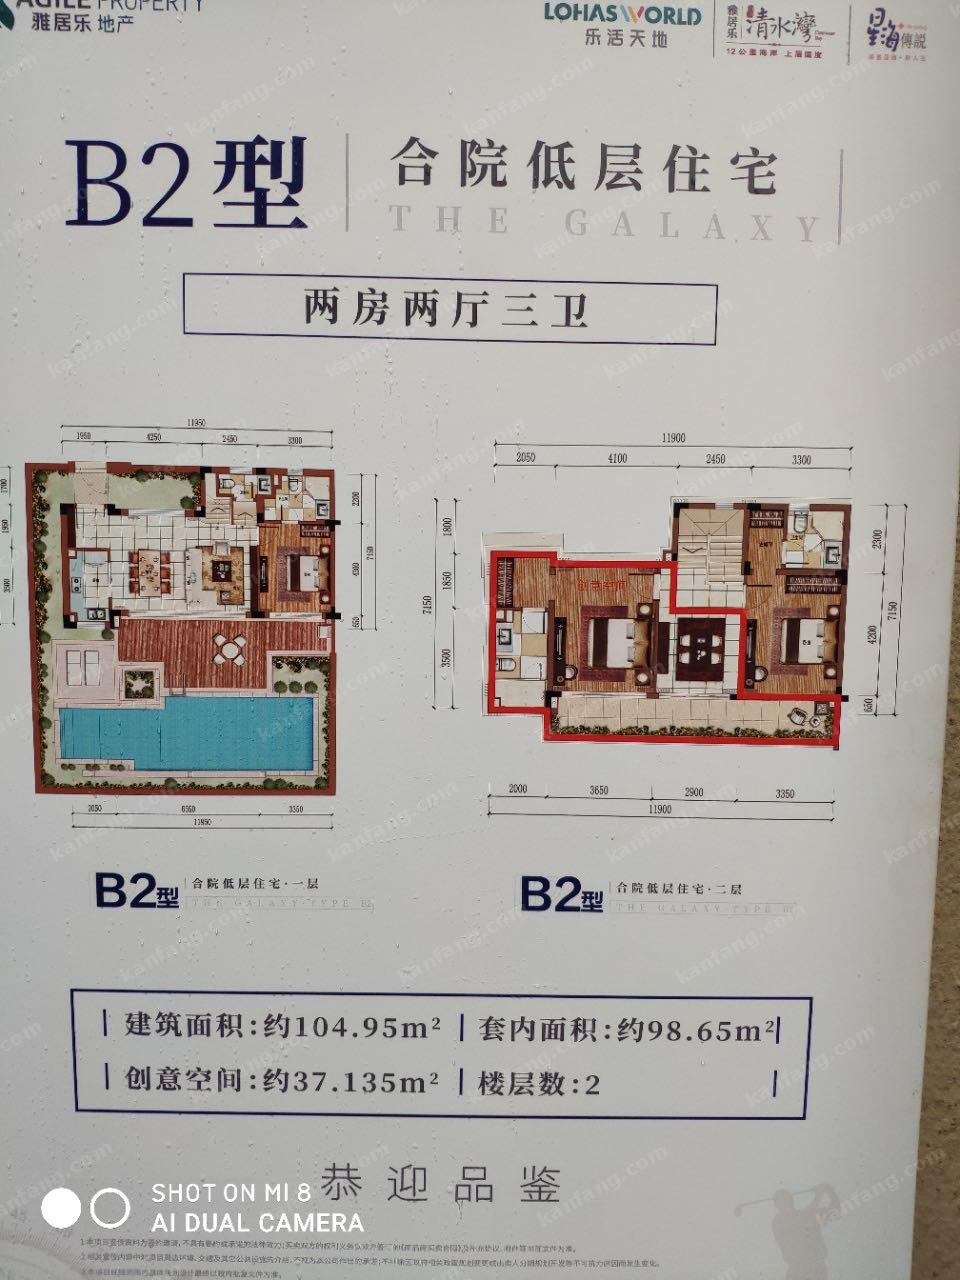 B2型 合院低层住宅